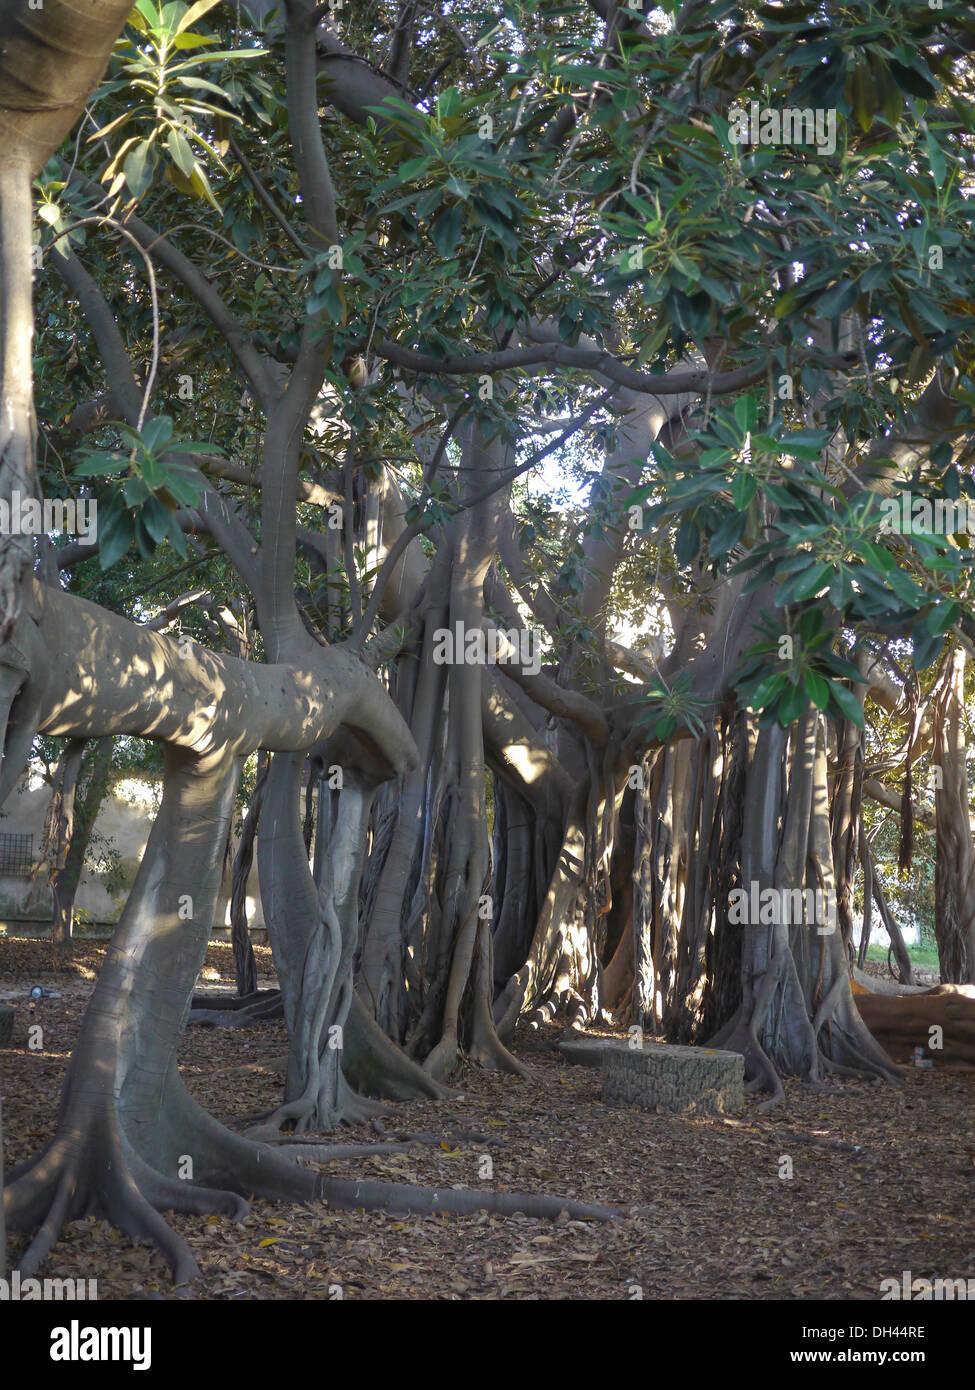 Botanischer Garten Italien Gardasee: Wurzeln Des Ficus Macrophylla Baum Palermo Botanischer